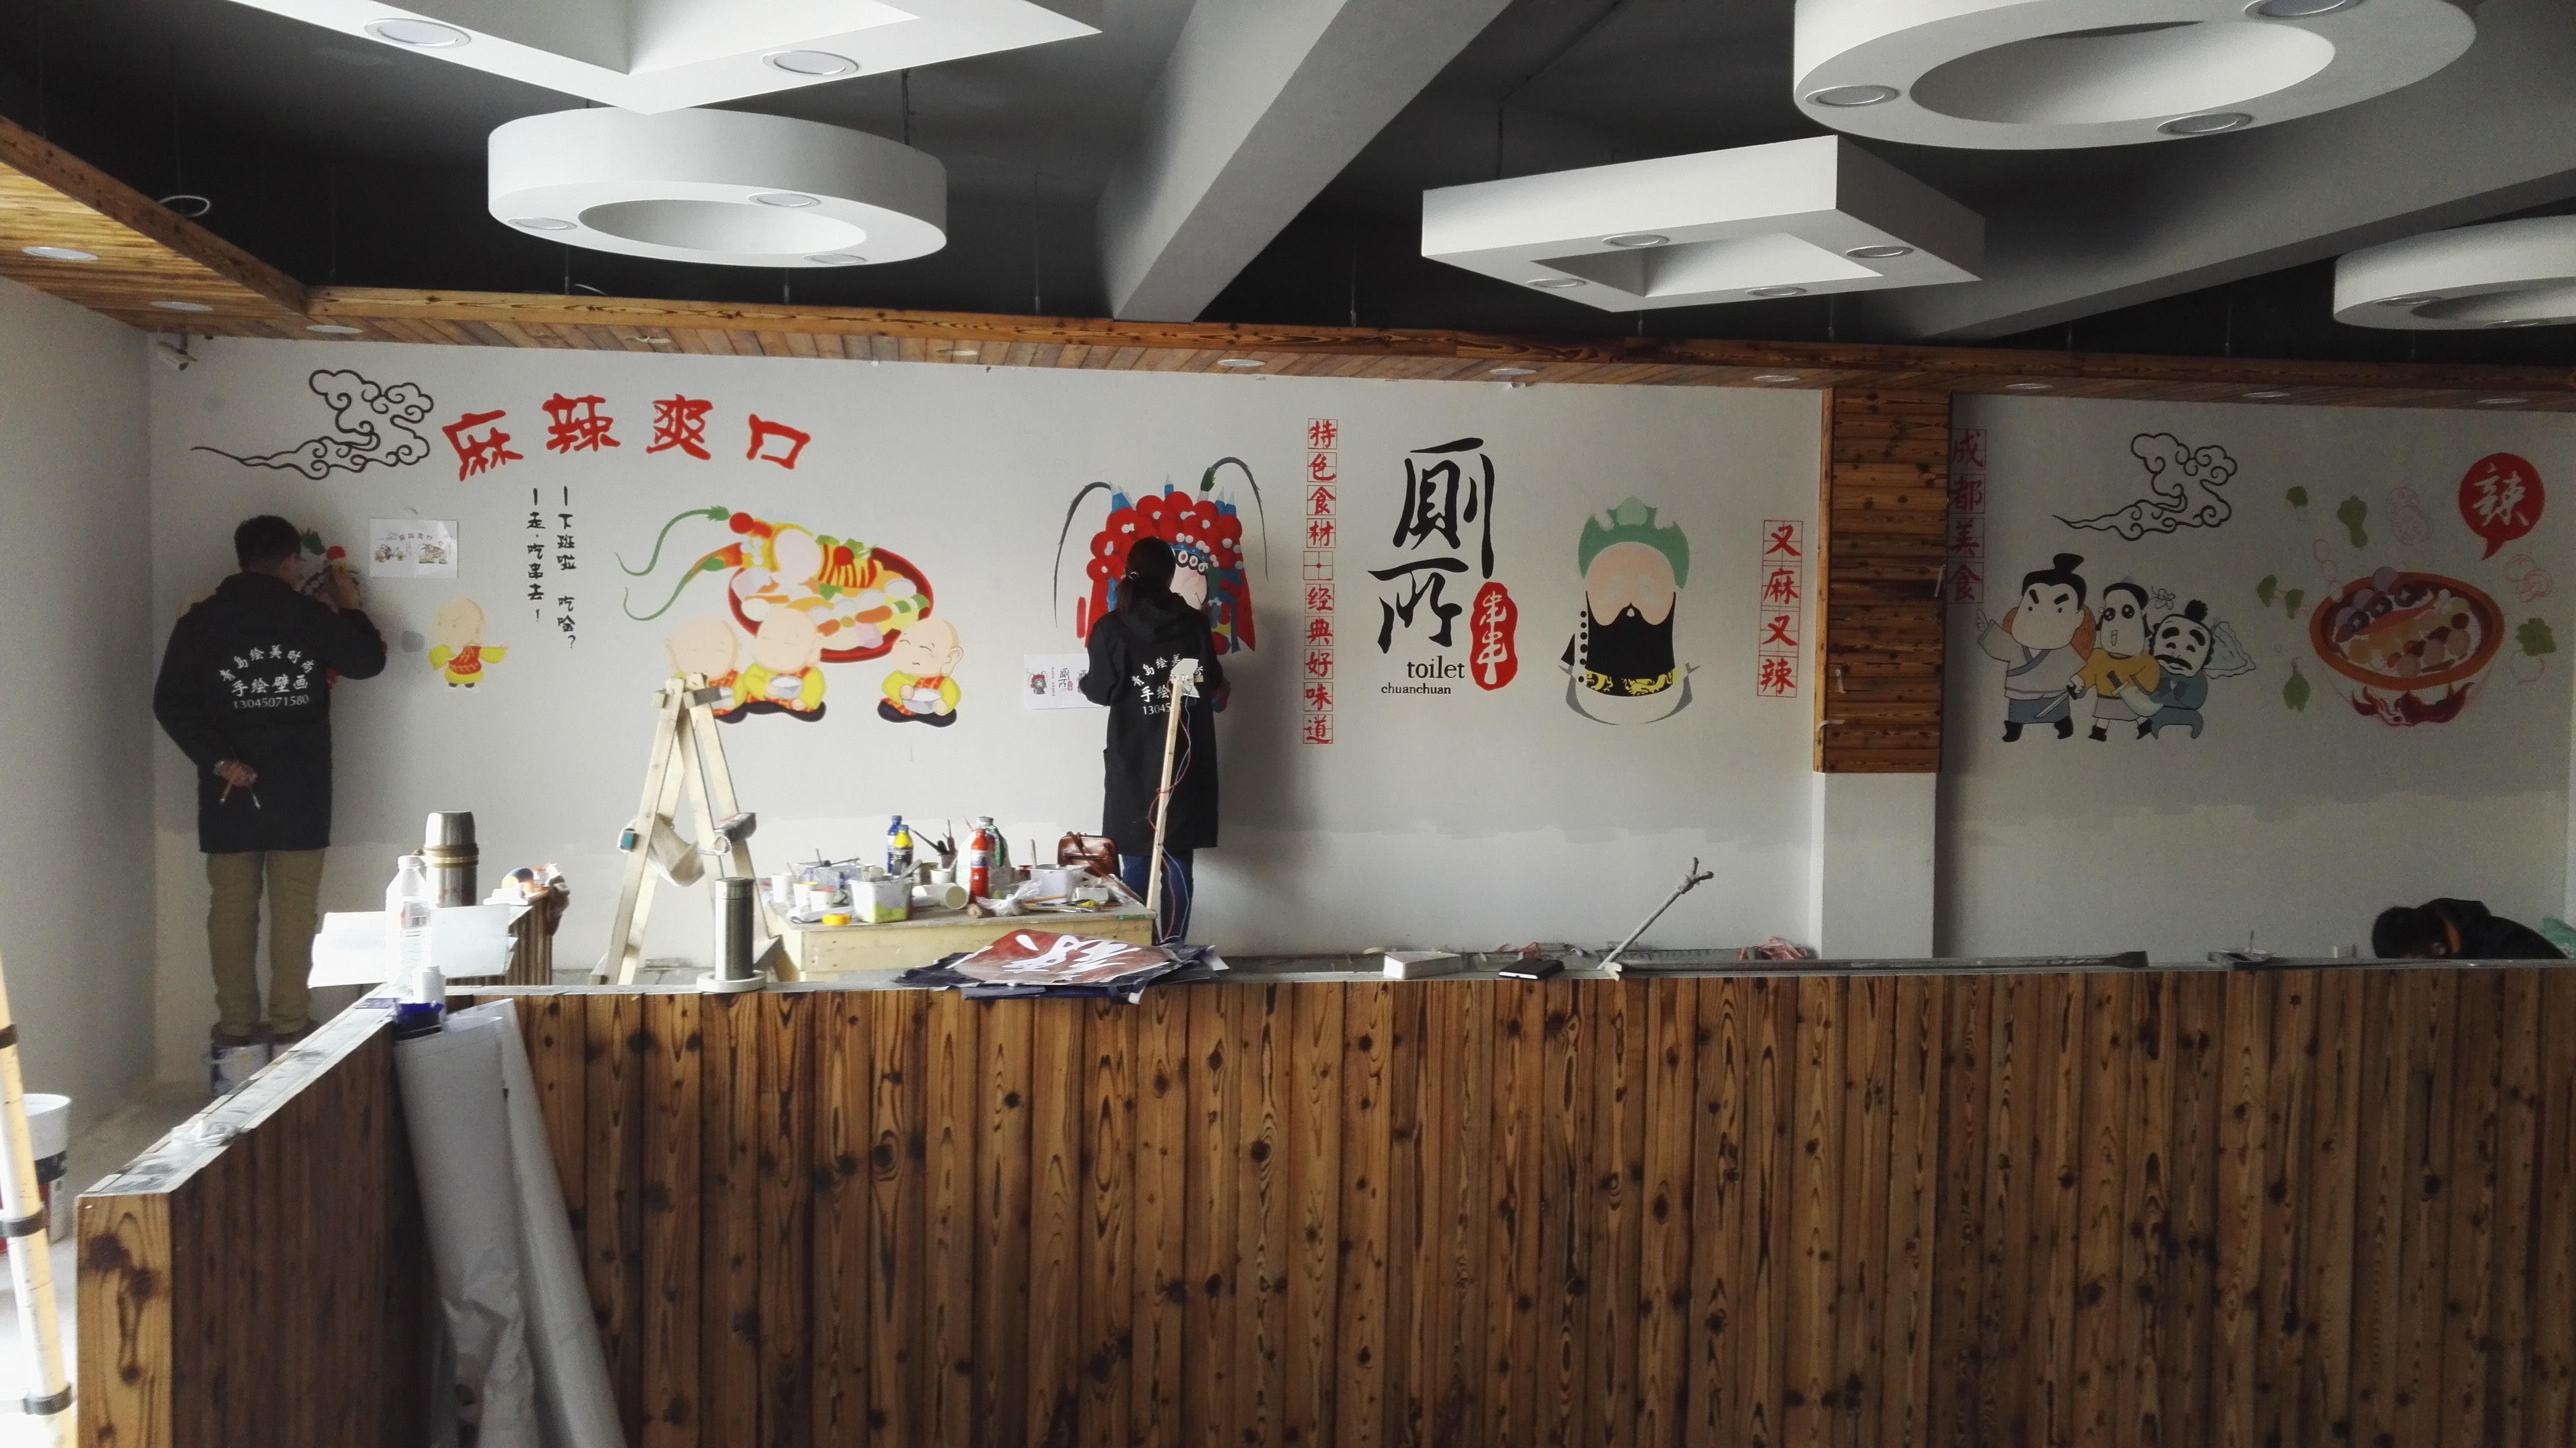 青岛厕所串串店 墙体彩绘   图片